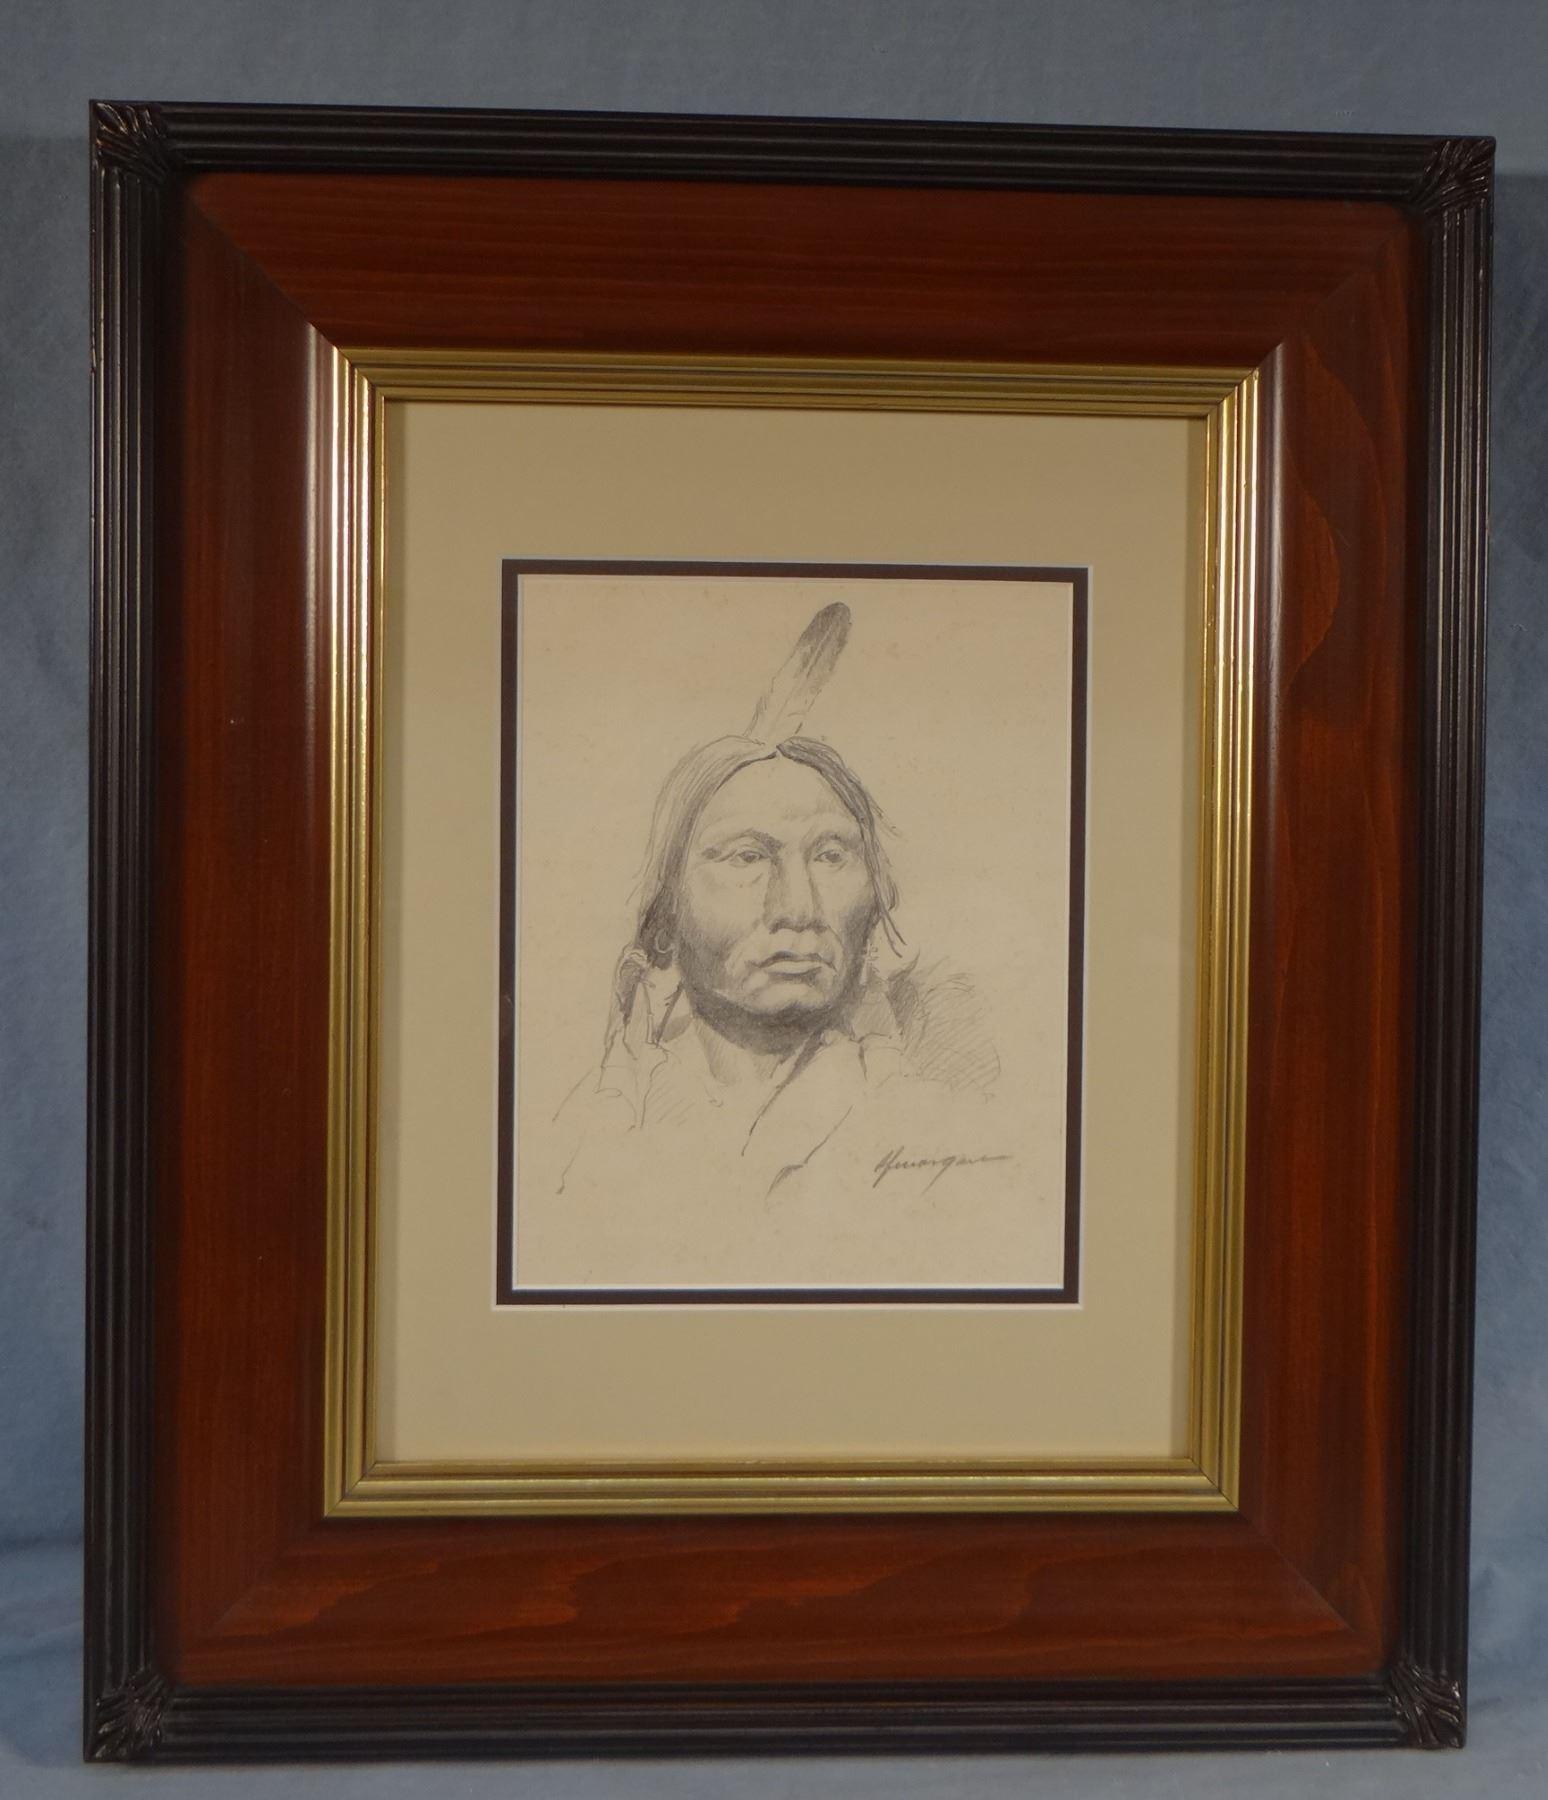 Image 2 morgan r f bob 1929 2015 indian portrait pencil